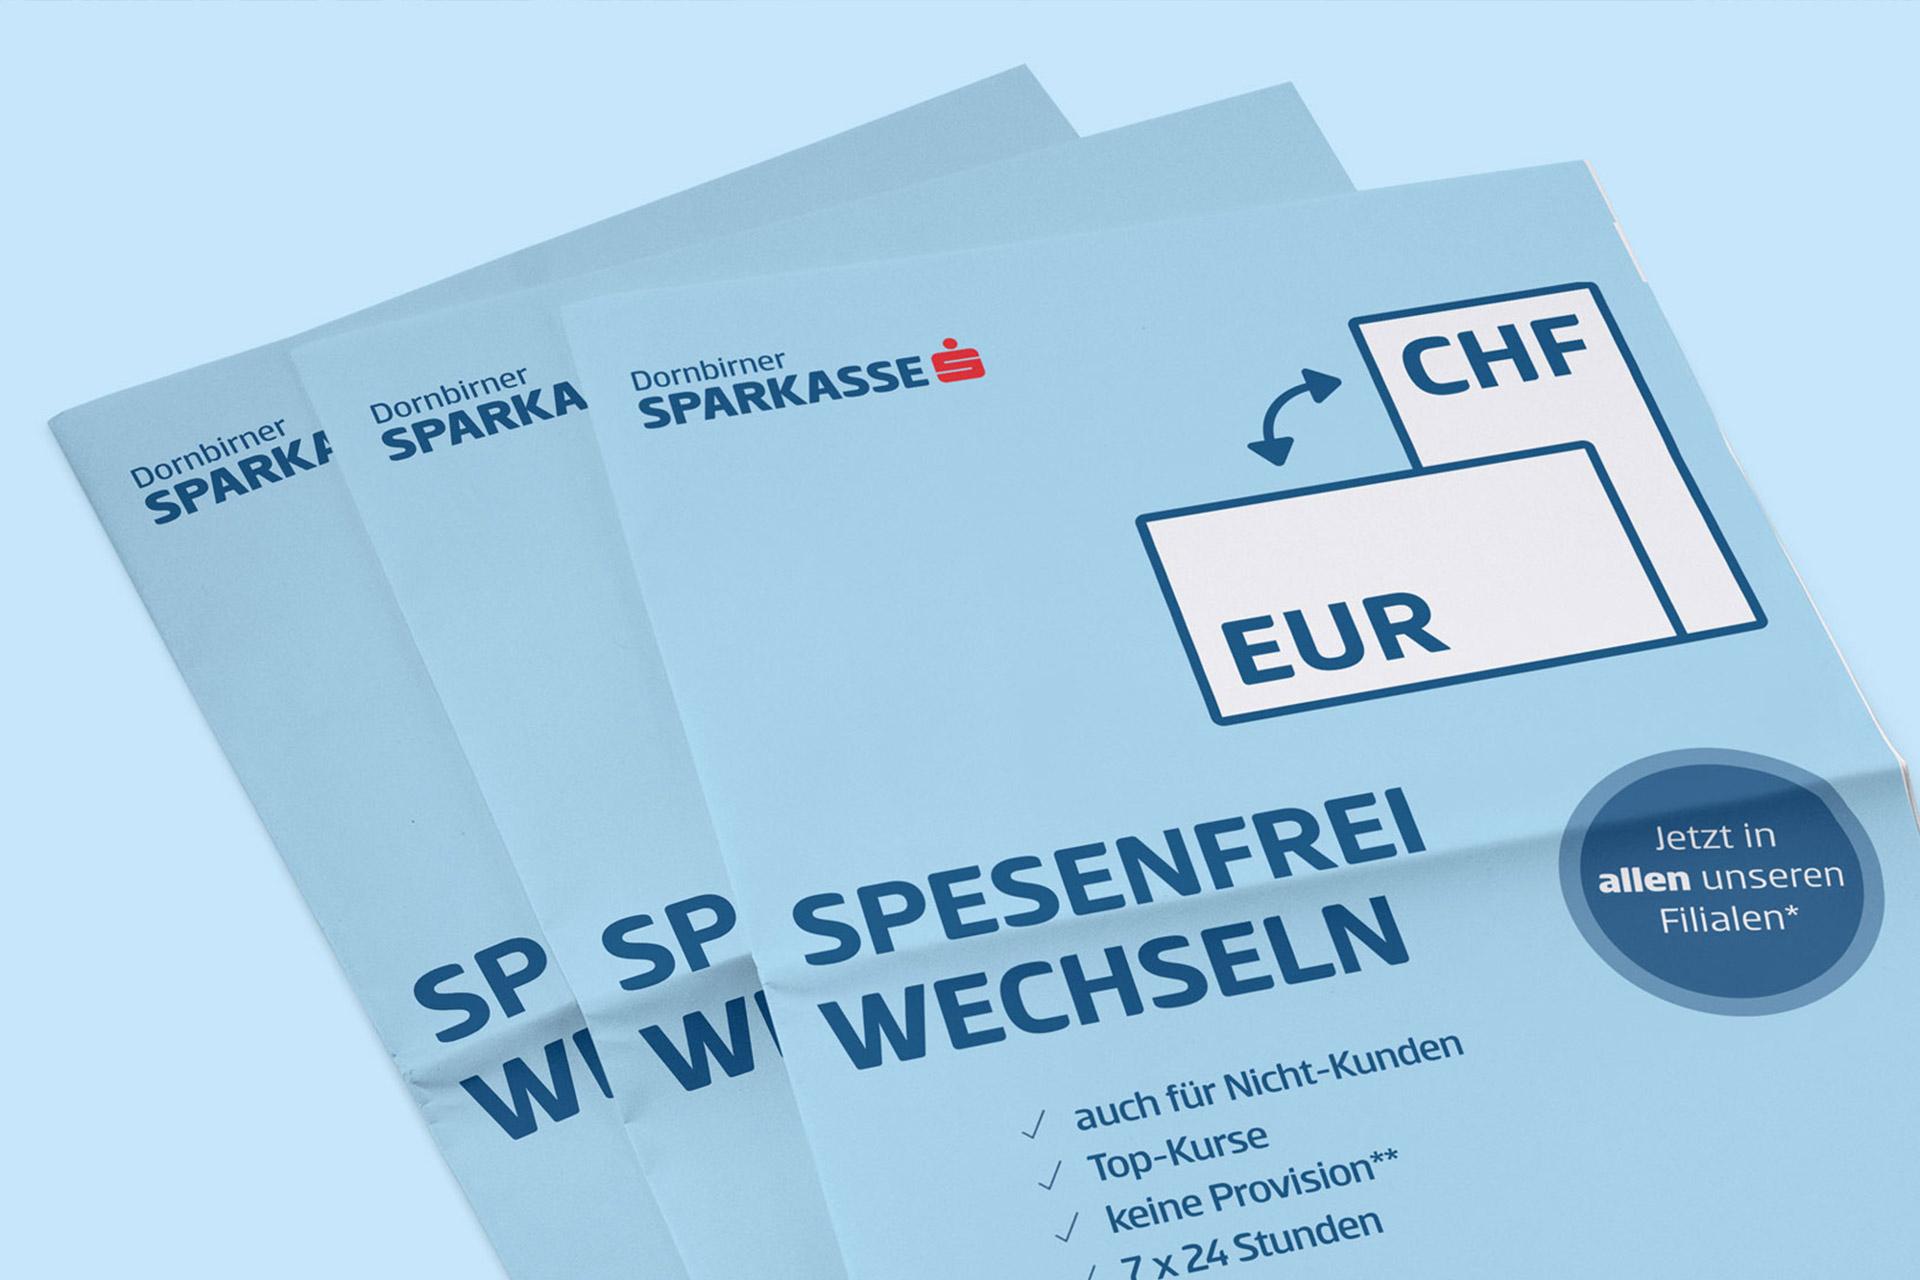 Kombination der Online-Kampagne mit Print-Anzeigen – von Bernhard Hafele